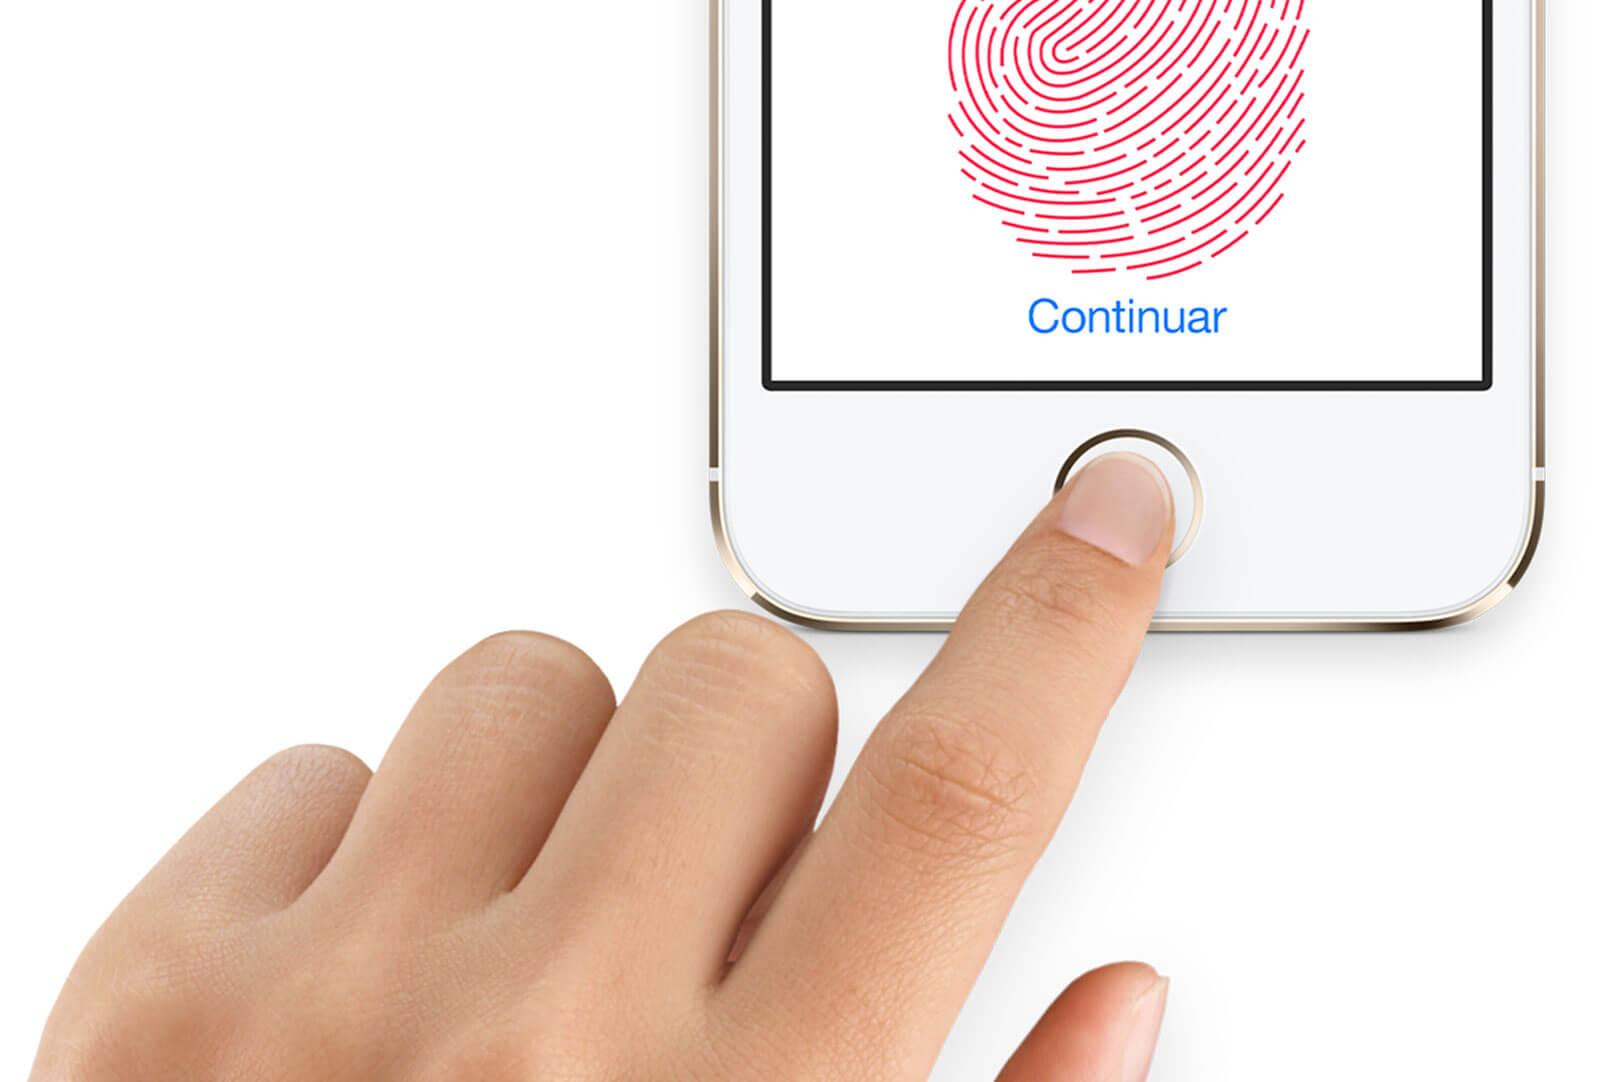 Photo of Conheça 5 truques para aproveitar melhor o Touch ID no iPhone ou iPad